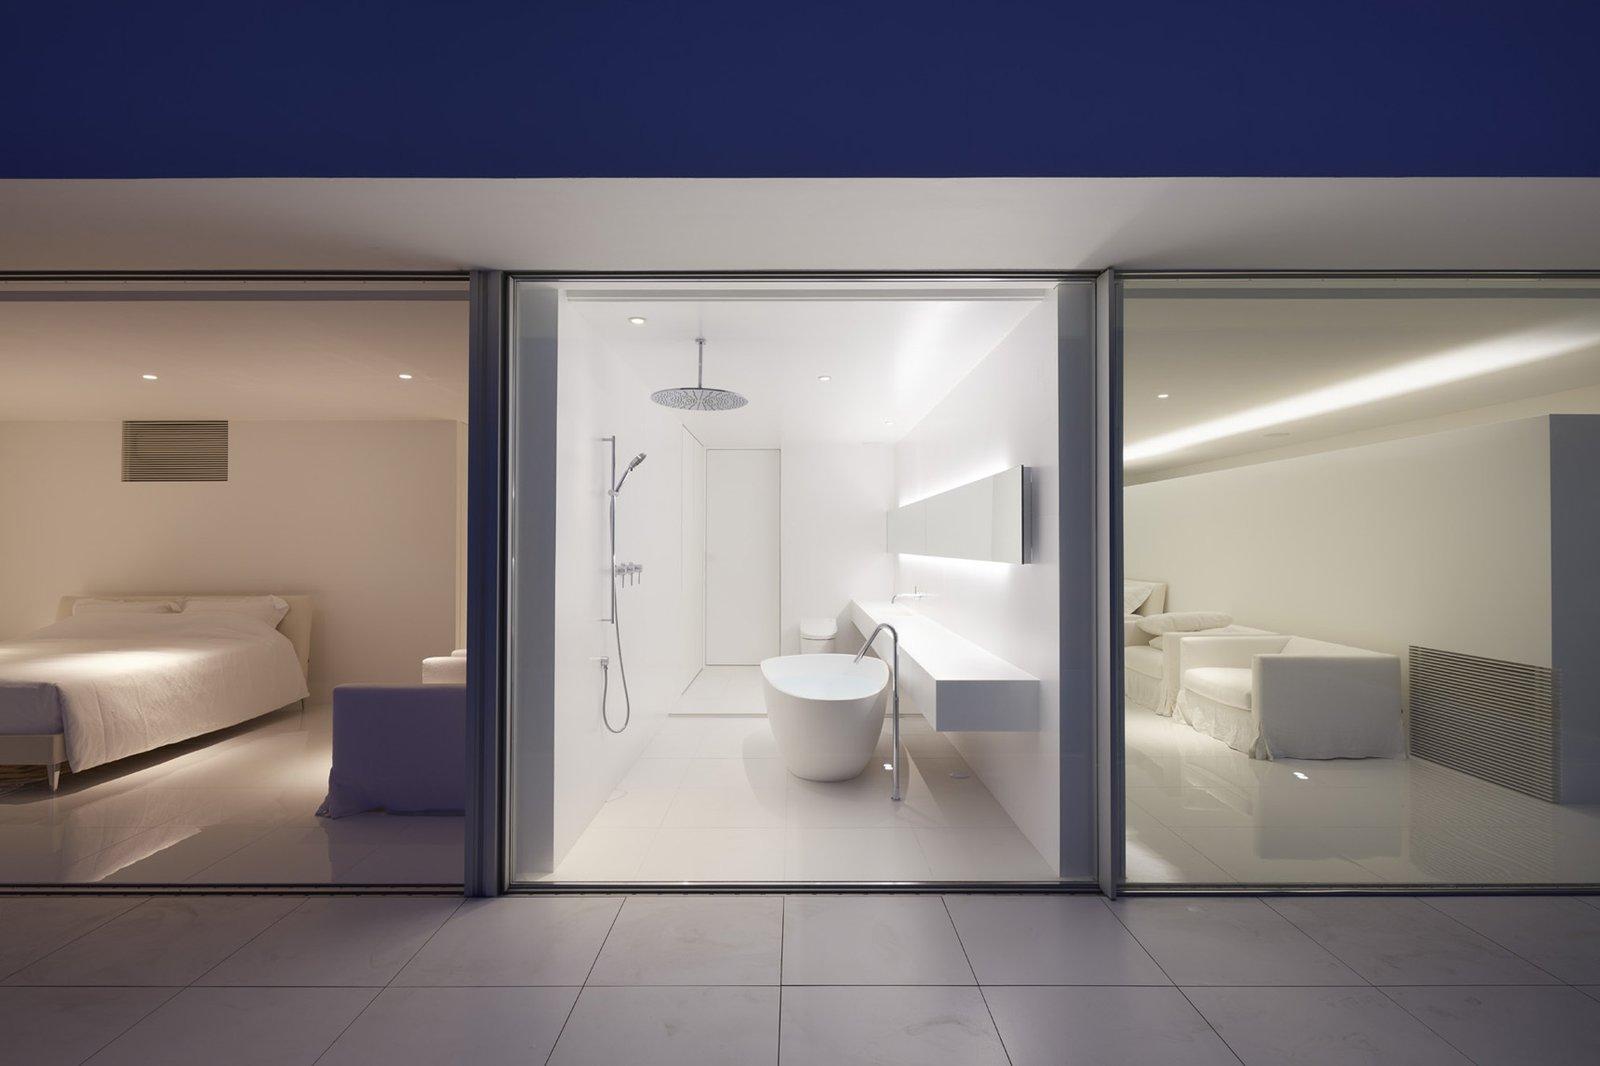 Bath Room, Freestanding Tub, Open Shower, Ceramic Tile Floor, and Granite Counter  Seaside House